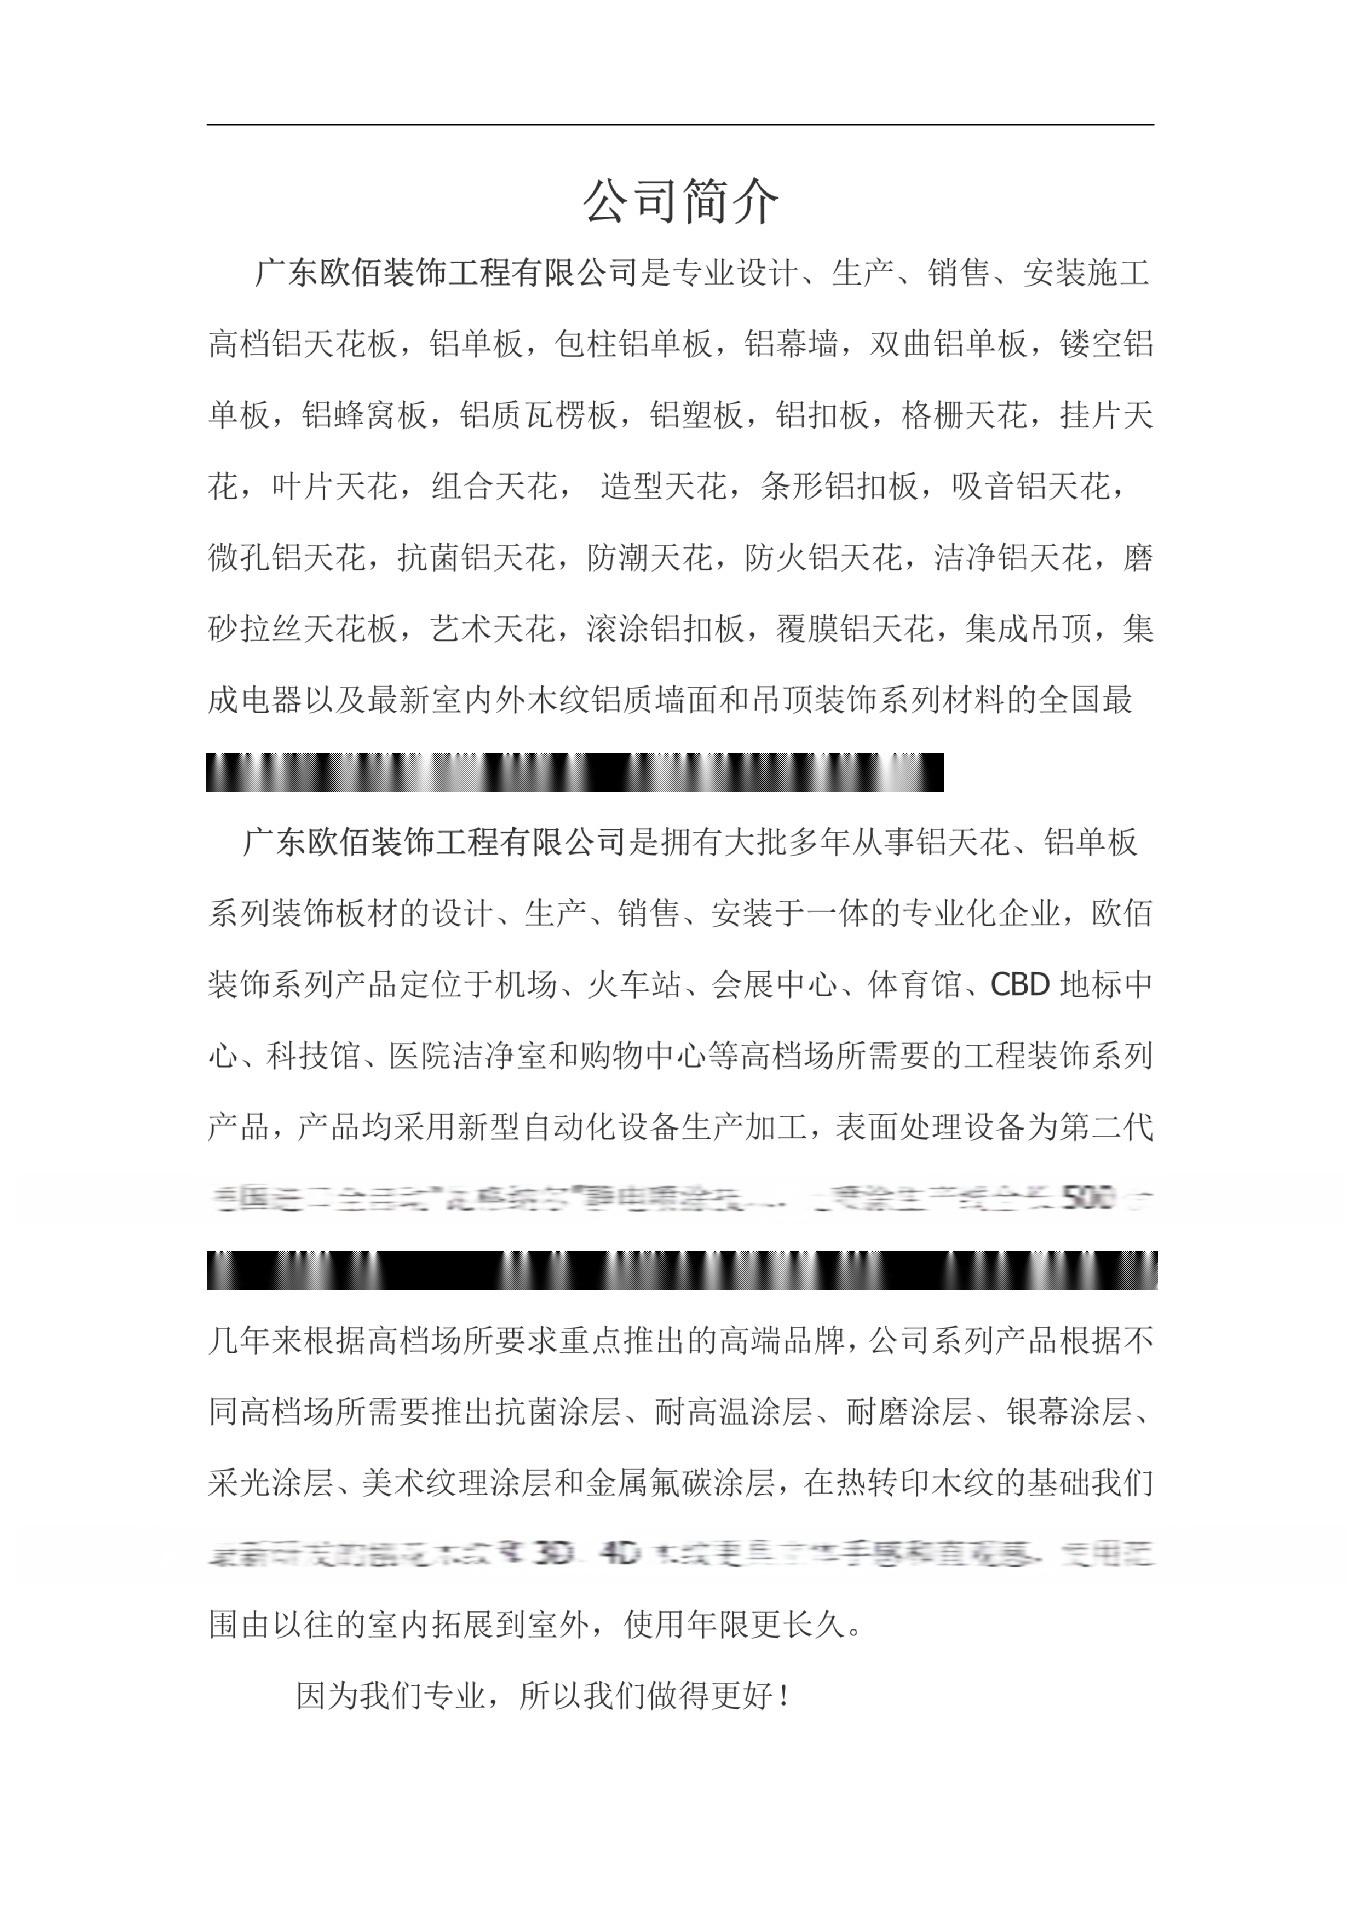 公司文字介紹_1